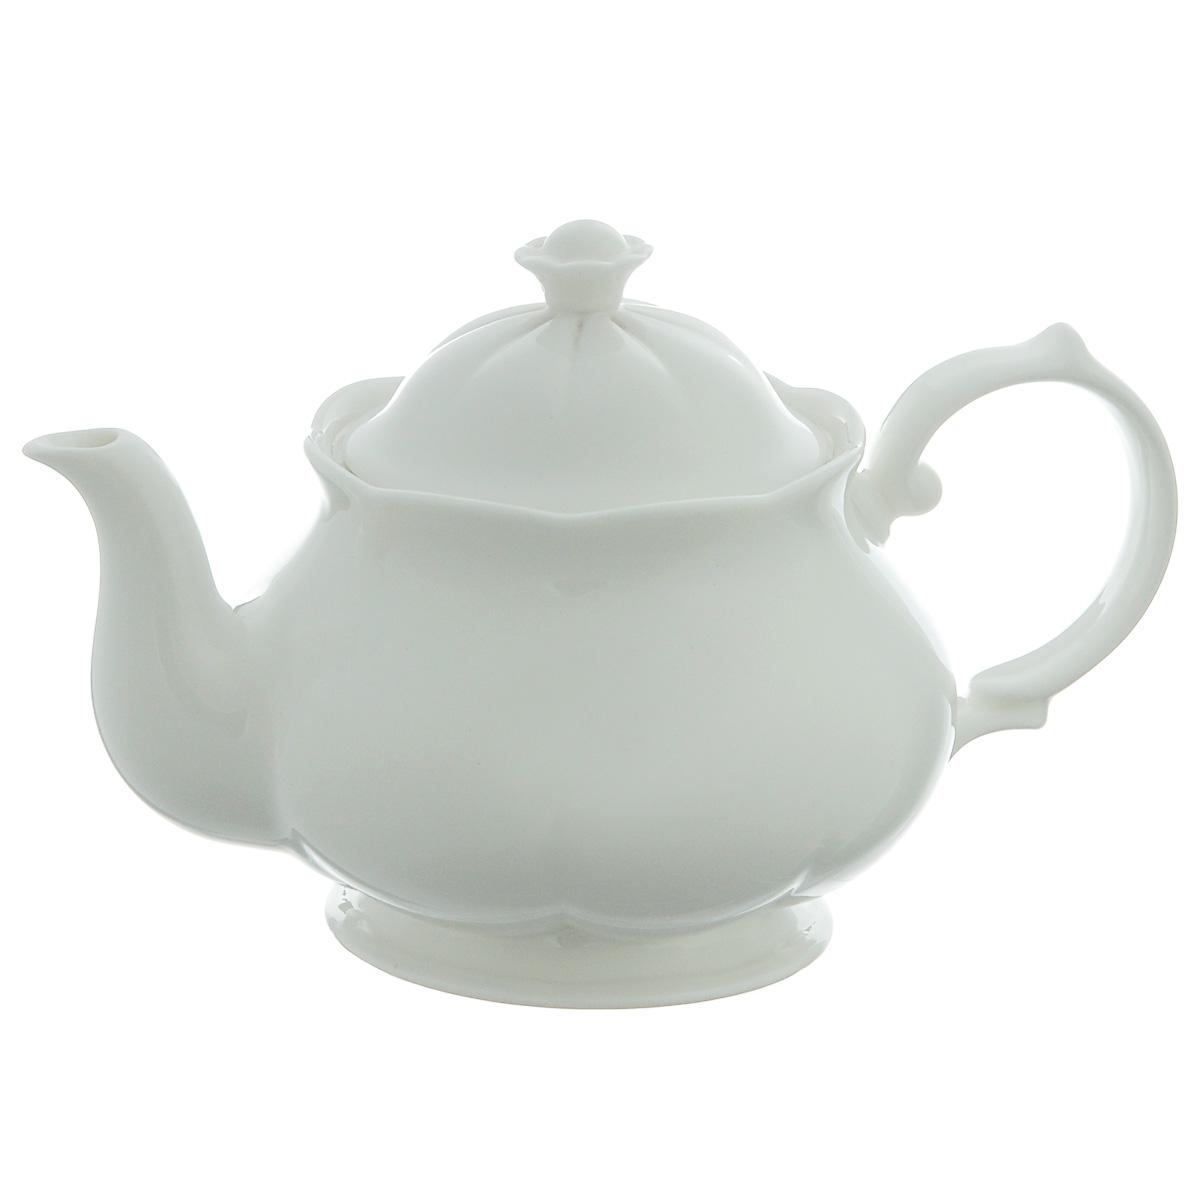 Чайник заварочный Royal Bone China White, 0,5 л89ww/0351Заварочный чайник Royal Bone China White, изготовленный из костяного фарфора с содержанием костяной муки (45%), прекрасно впишется в интерьер вашей кухни и станет достойным дополнением к кухонному инвентарю. Основным достоинством изделий из костяного фарфора является абсолютно гладкая глазуровка. Такие изделия сочетают в себе изысканный вид с прочностью и долговечностью. Чайник снабжен эргономичной крышкой и изящной ручкой. Заварочный чайник Royal Bone China White не только украсит ваш кухонный стол и подчеркнет прекрасный вкус хозяйки, но и станет отличным подарком. Объем чайника: 0,5 л. Высота (с учетом крышки): 12 см.